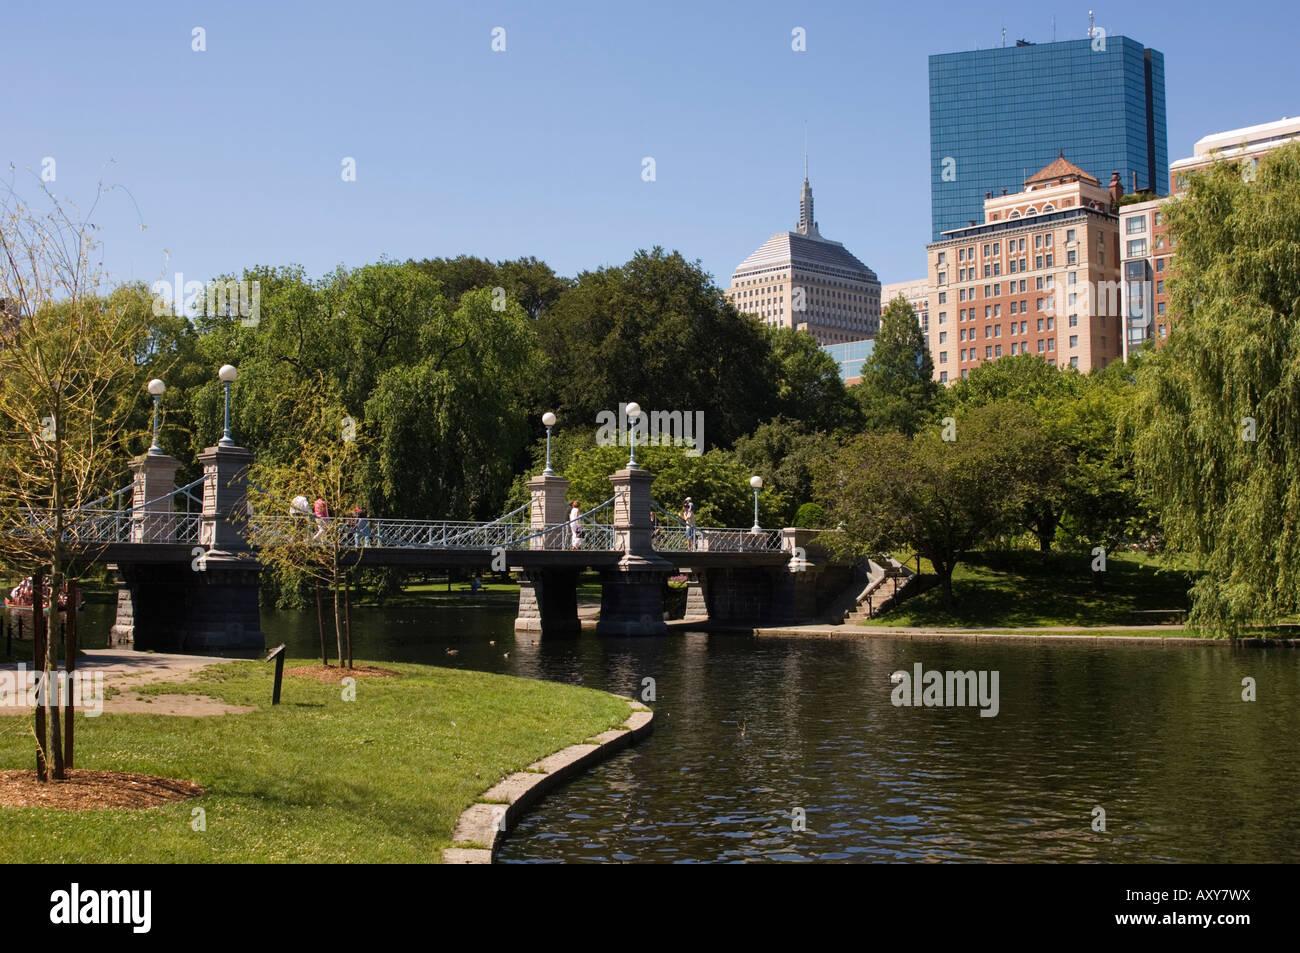 Puente de la laguna en el jardín público de Boston, Massachusetts, EE.UU. Foto de stock